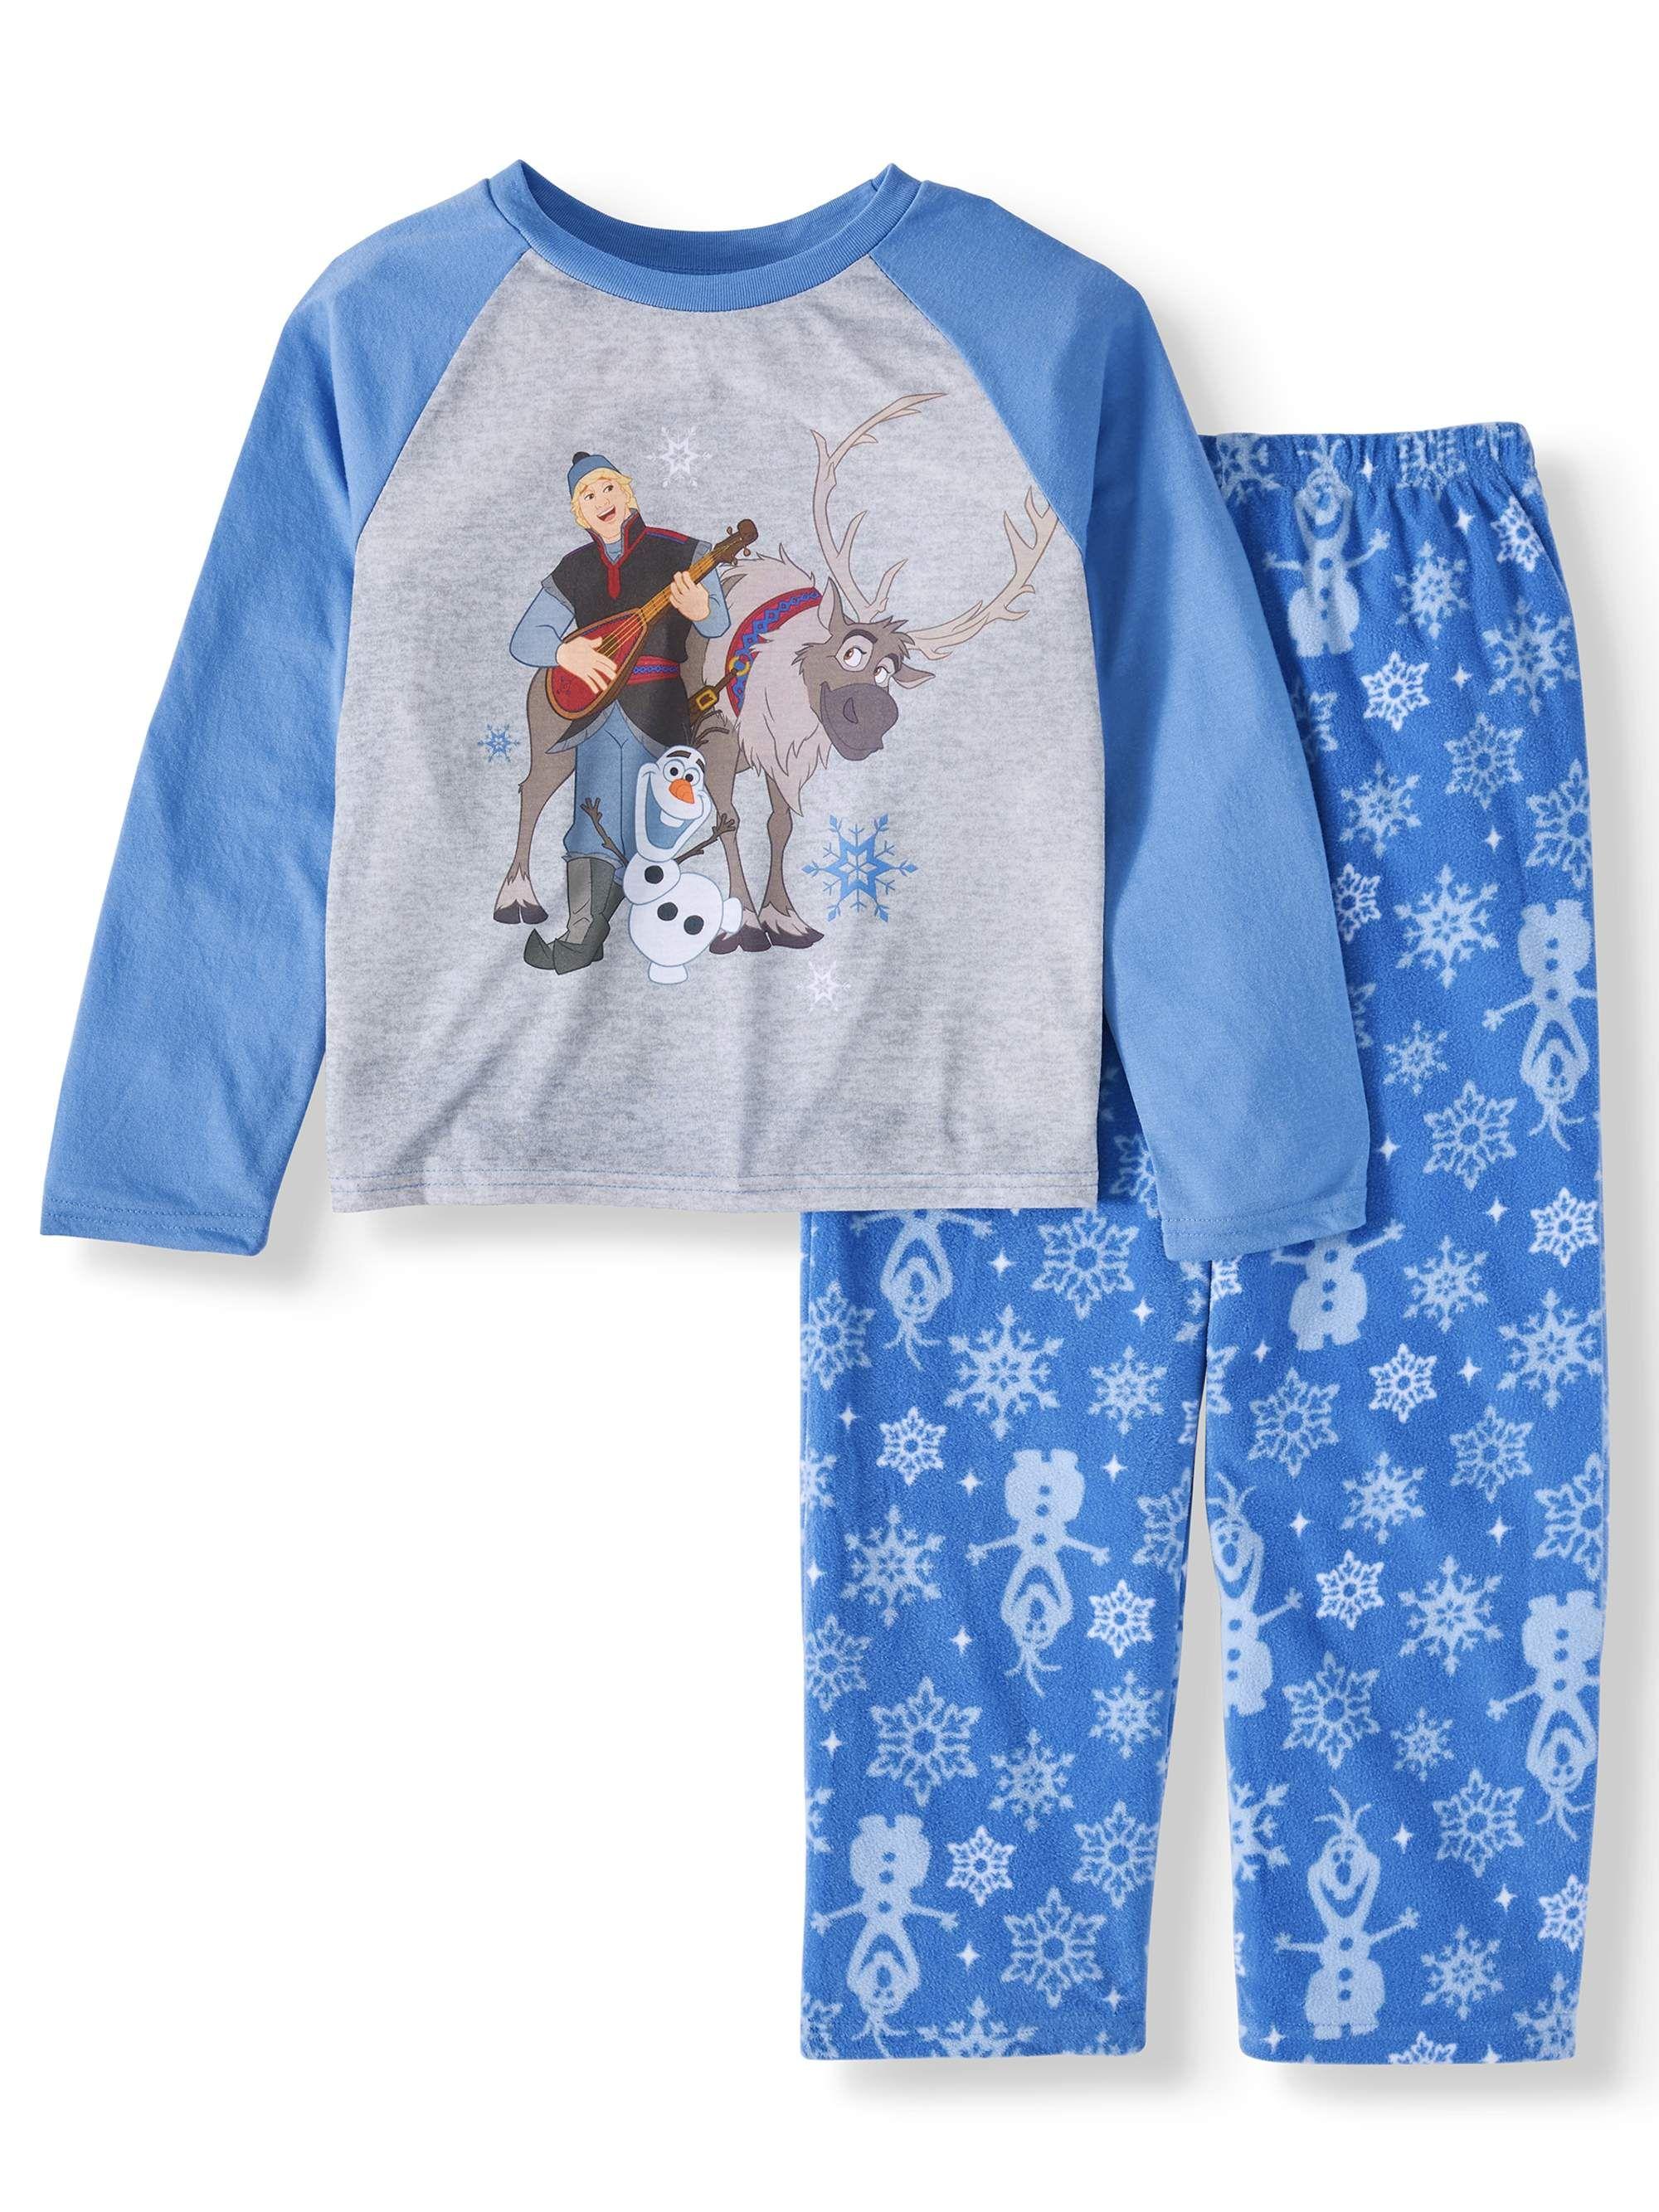 Clothing Matching family christmas pajamas, Christmas